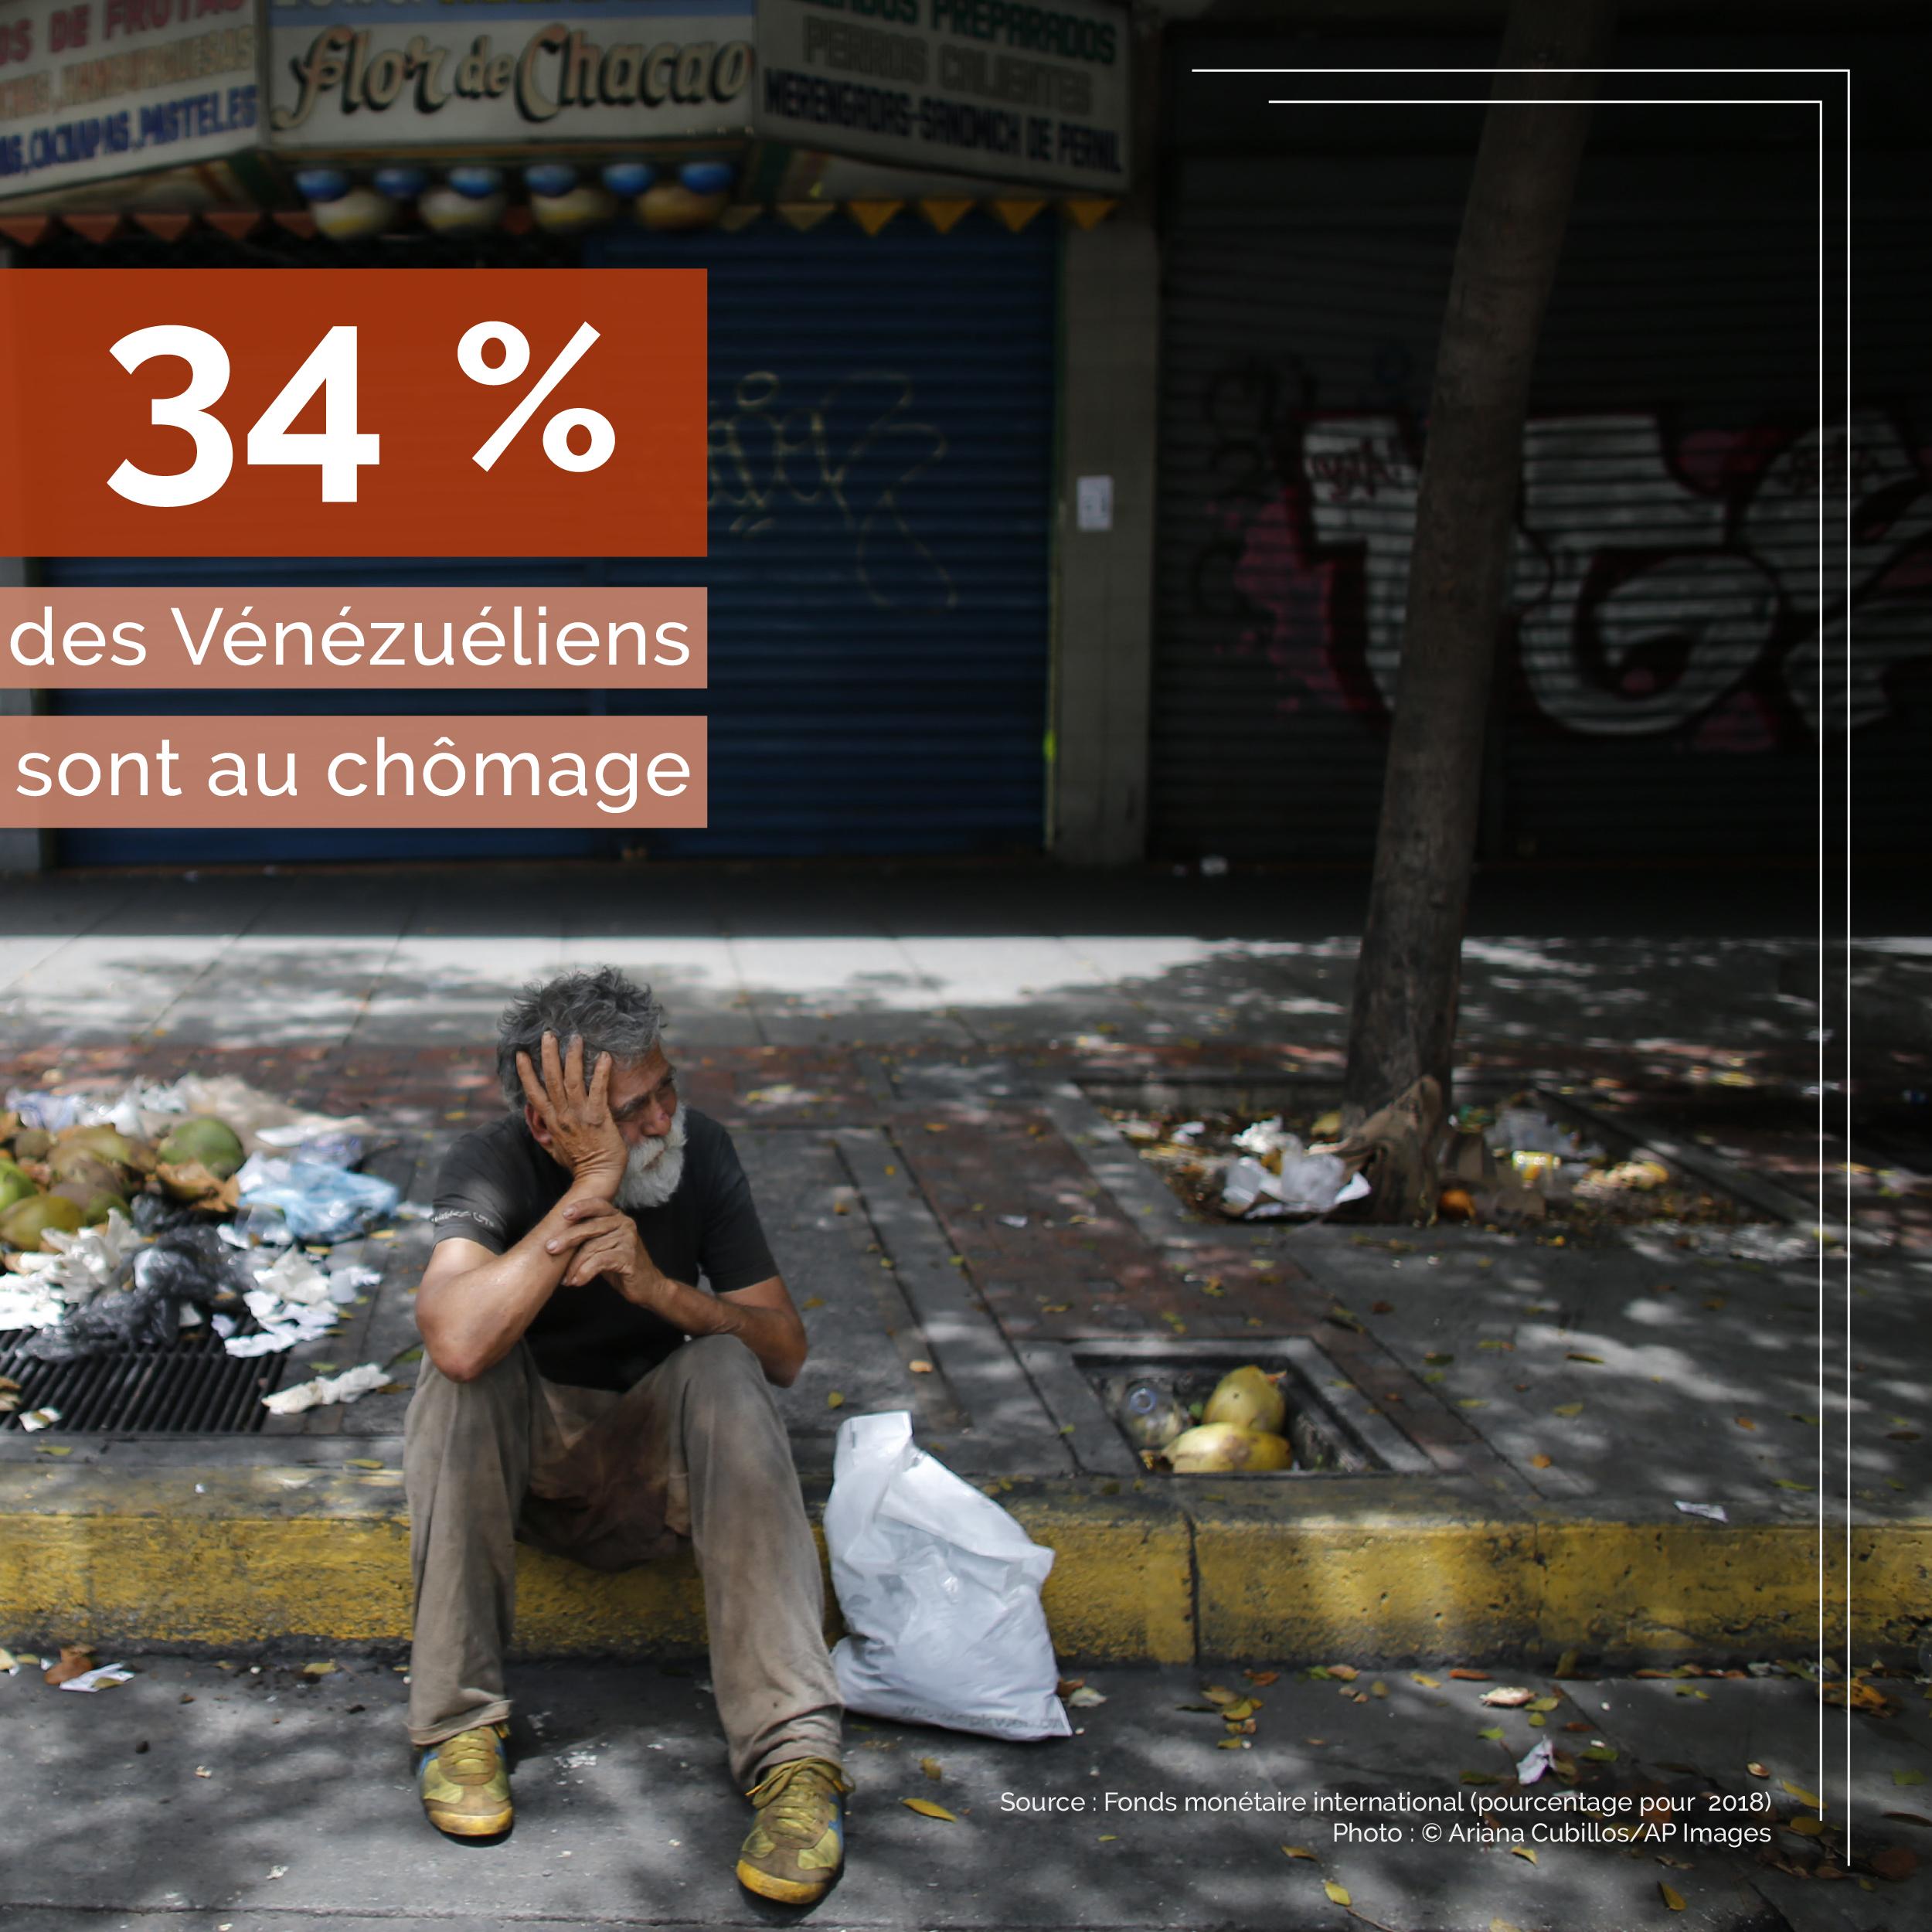 Un homme assis sur le bord d'un trottoir, avec des chiffres sur le chômage au Venezuela (© Ariana Cubillos/AP Images)